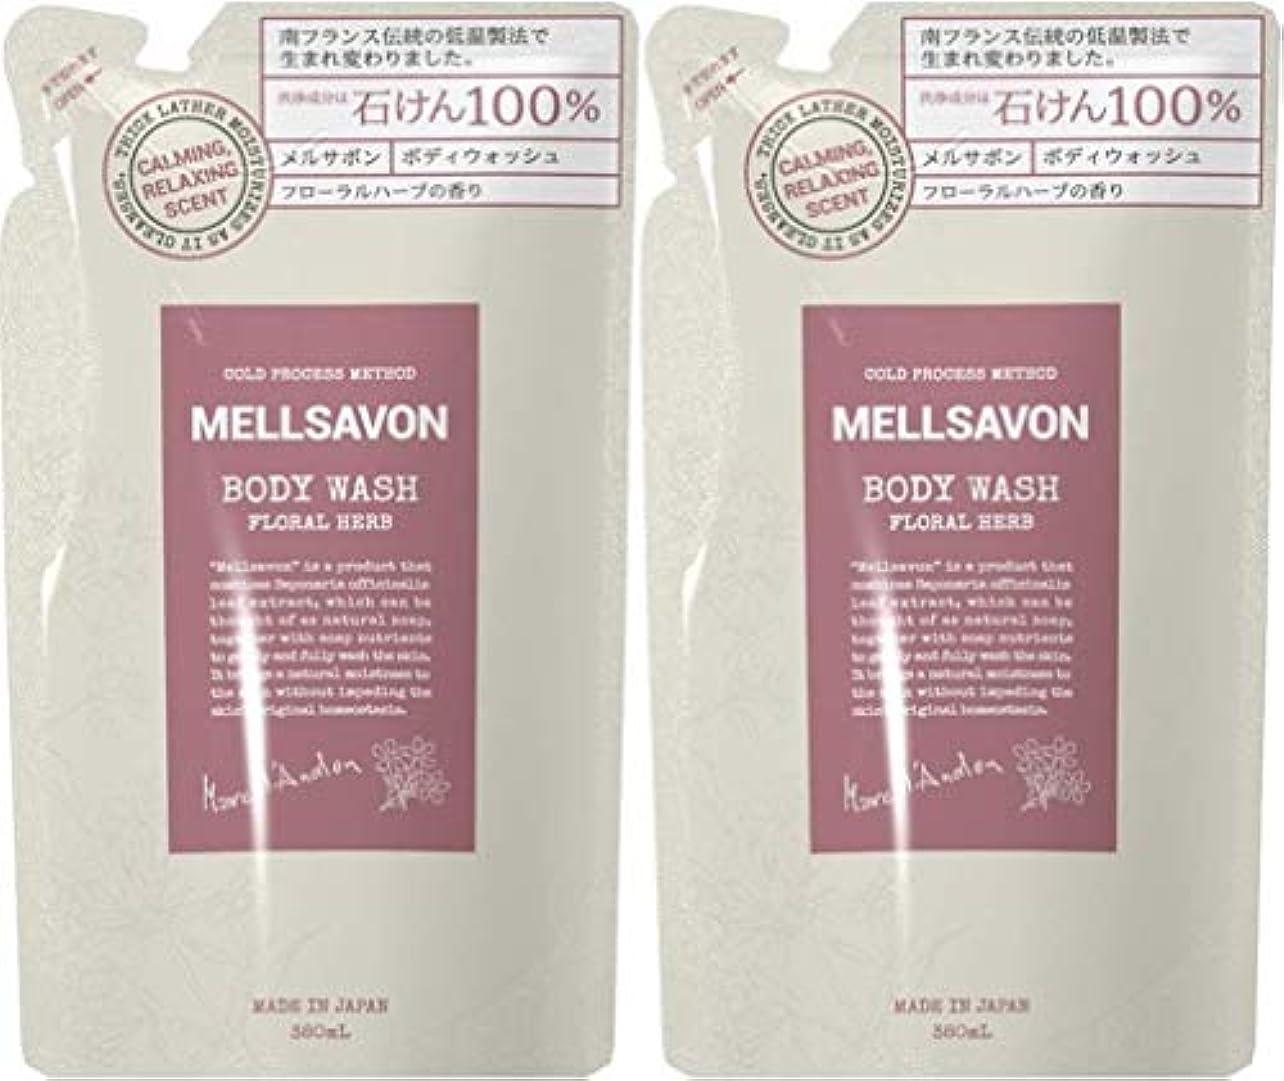 に関してスーパーマーケット司書【2個セット】MELLSAVON(メルサボン) ボディウォッシュ フローラルハーブ 〈詰替〉 (380mL)